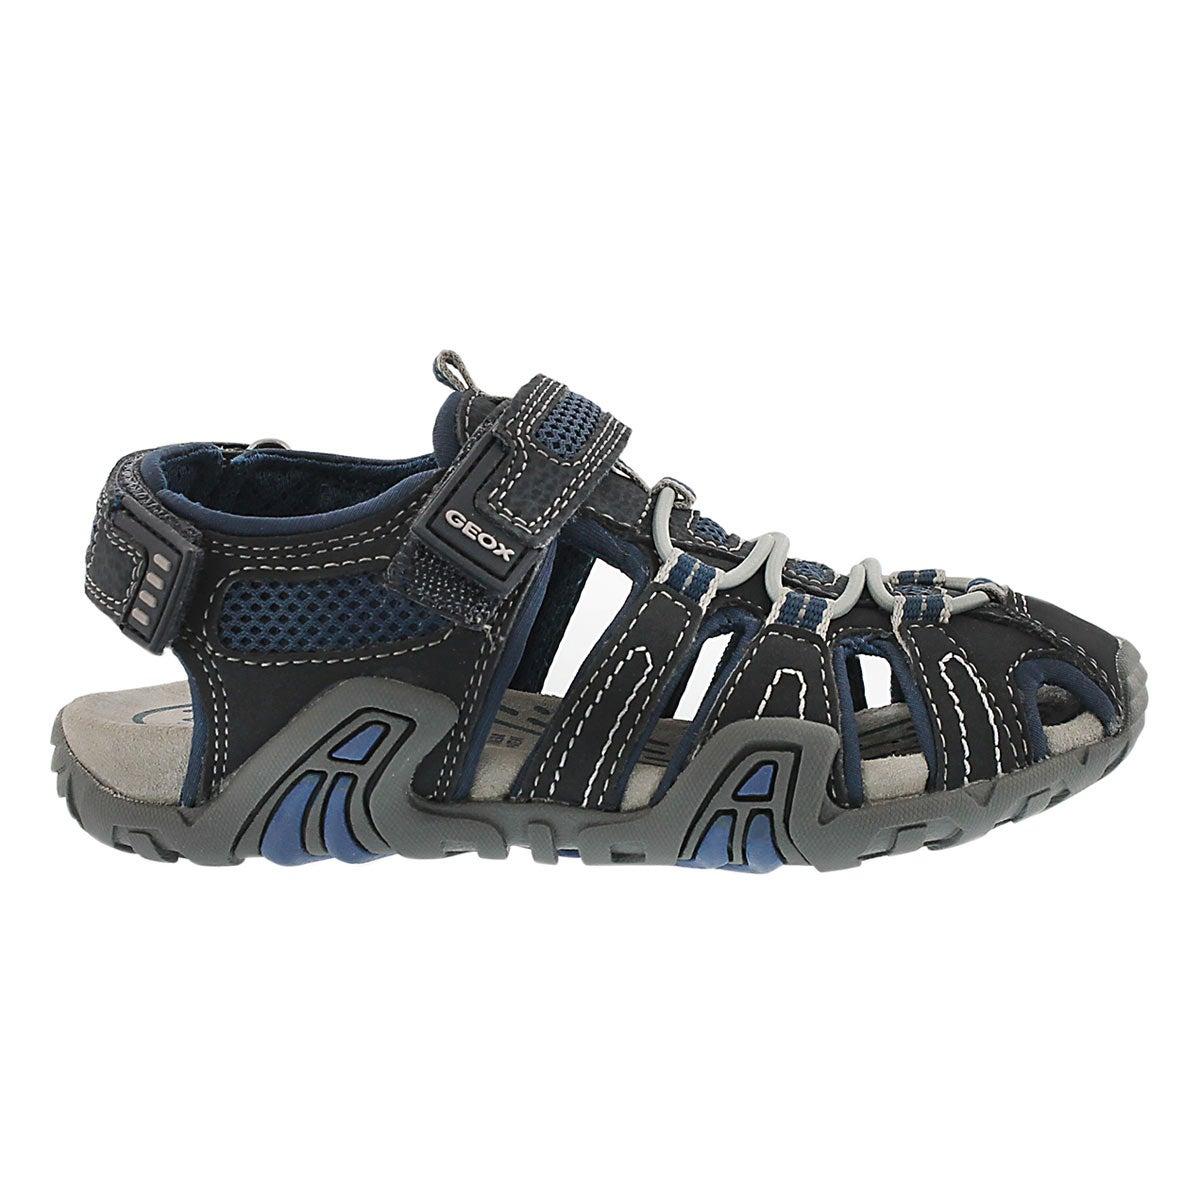 Bys Kraze nvy/blk fisherman sandal